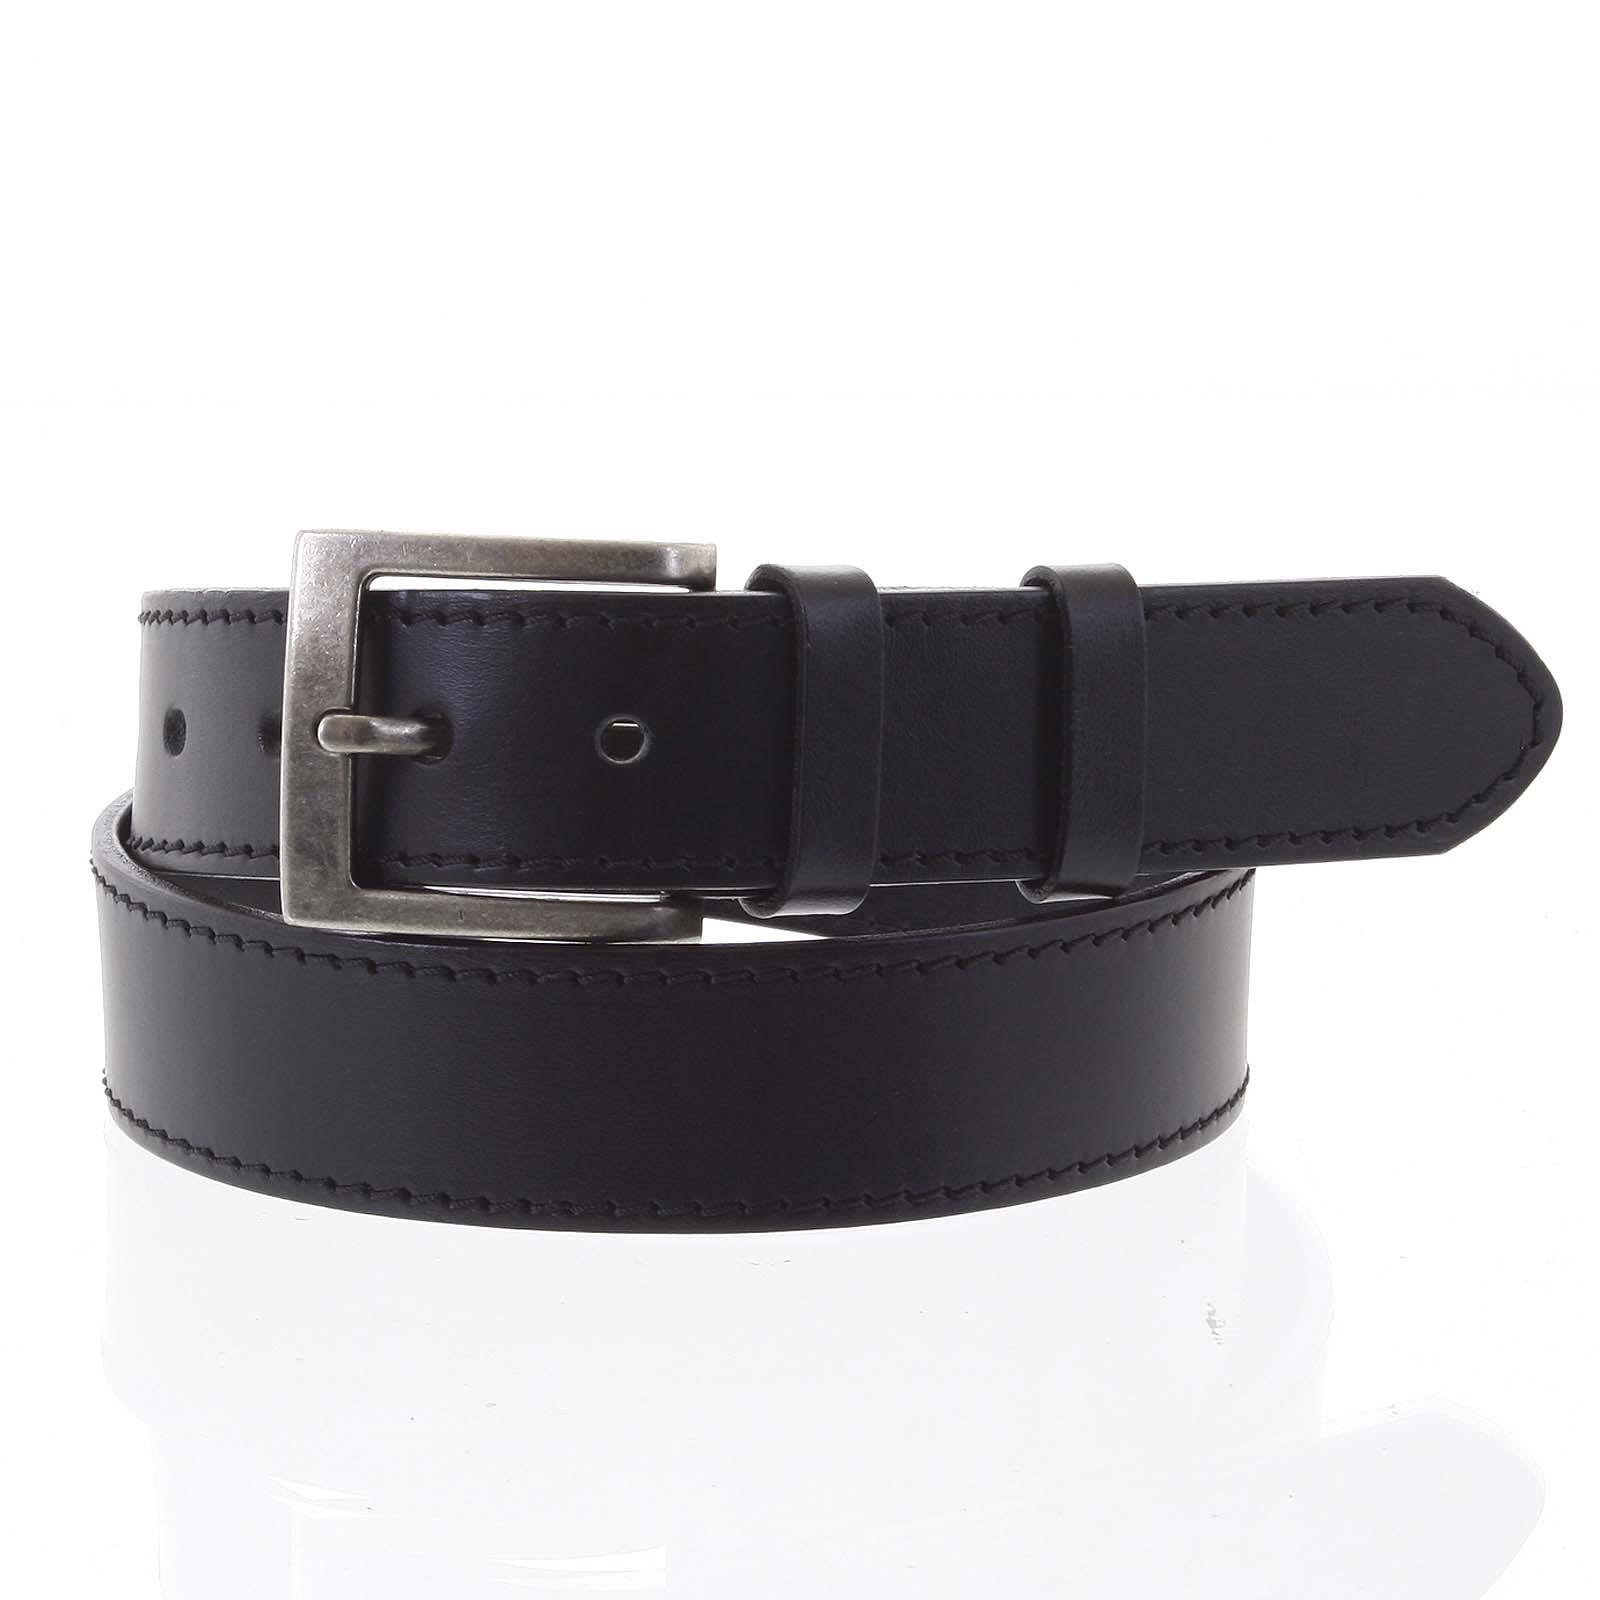 Pánsky kožený opasok jeansový čierny - PB Nacho 105